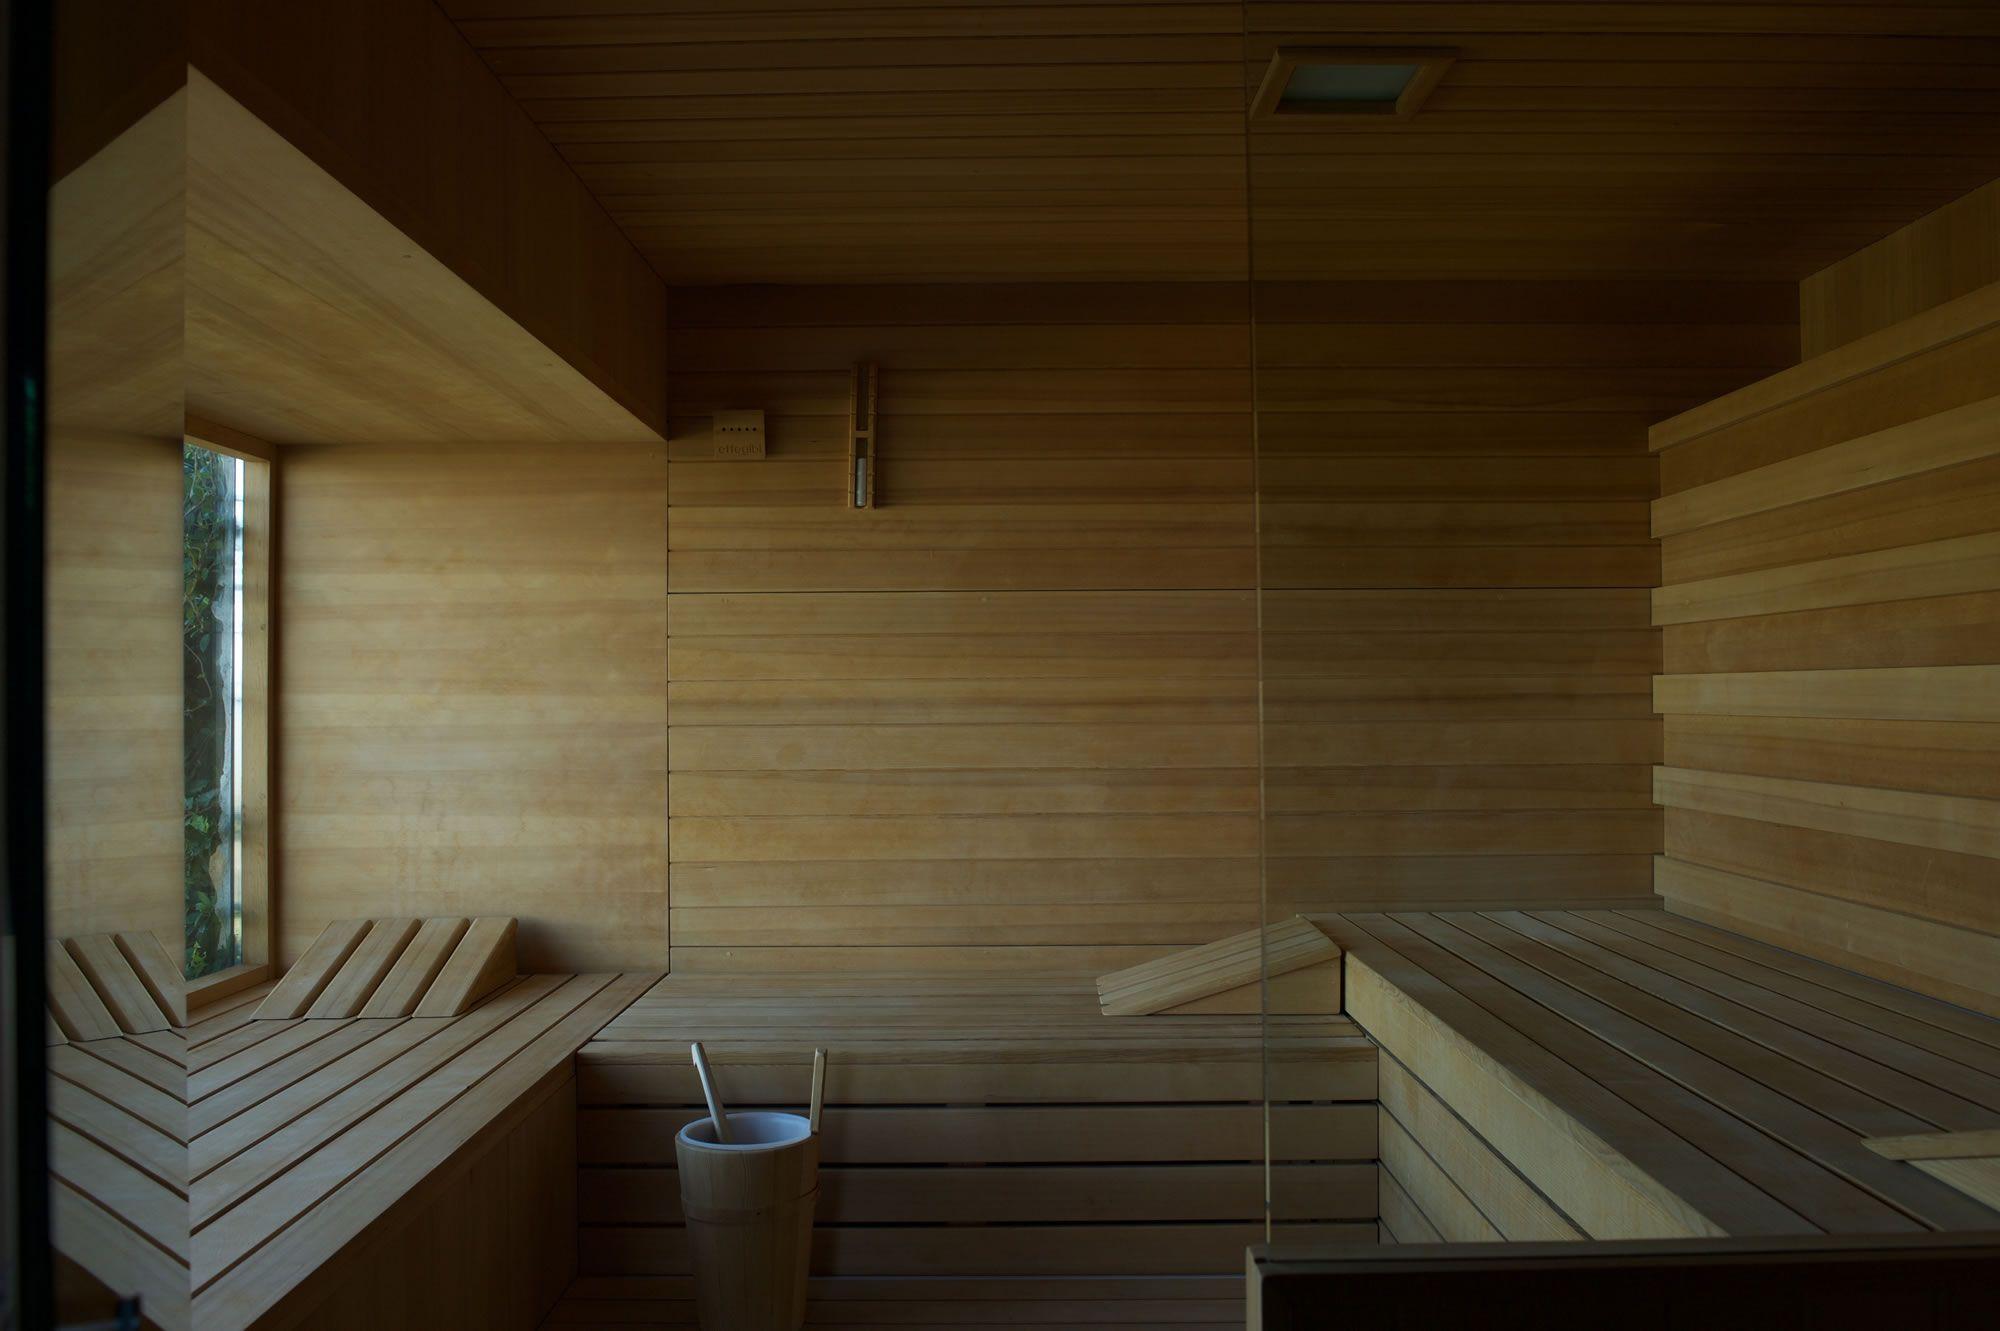 Sauna In Casa Consumi sauna e bagno turco, gli antichi rituali da riscoprire nell